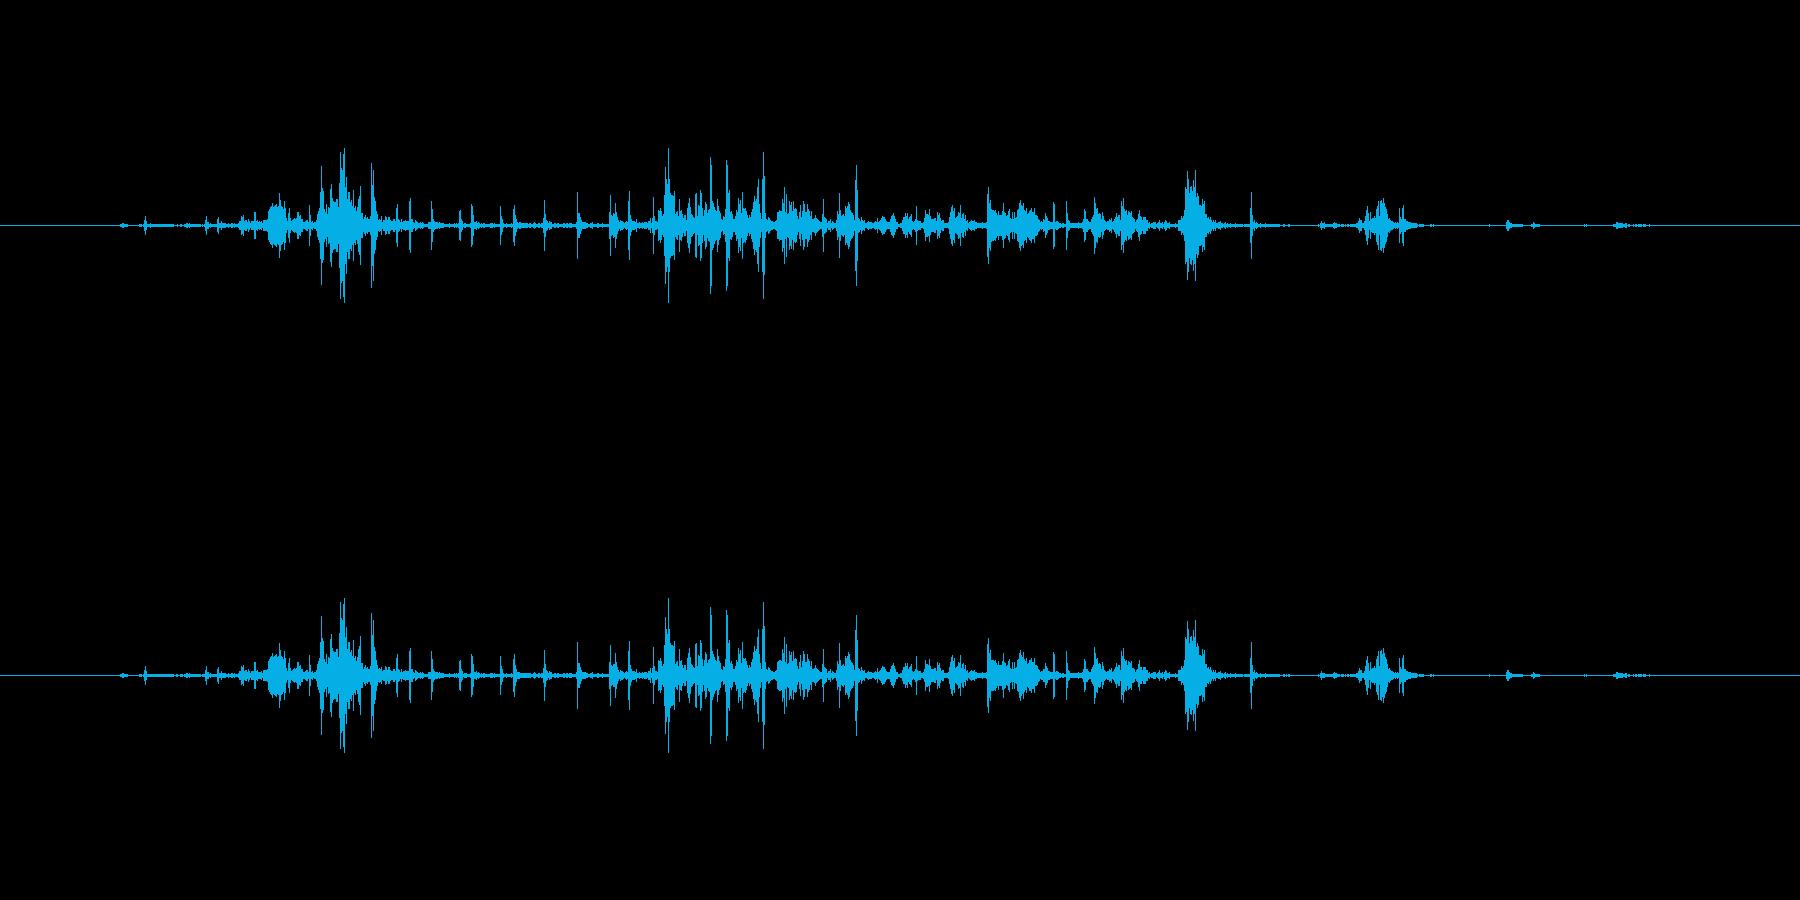 【雑誌01-4(パラパラ)】の再生済みの波形